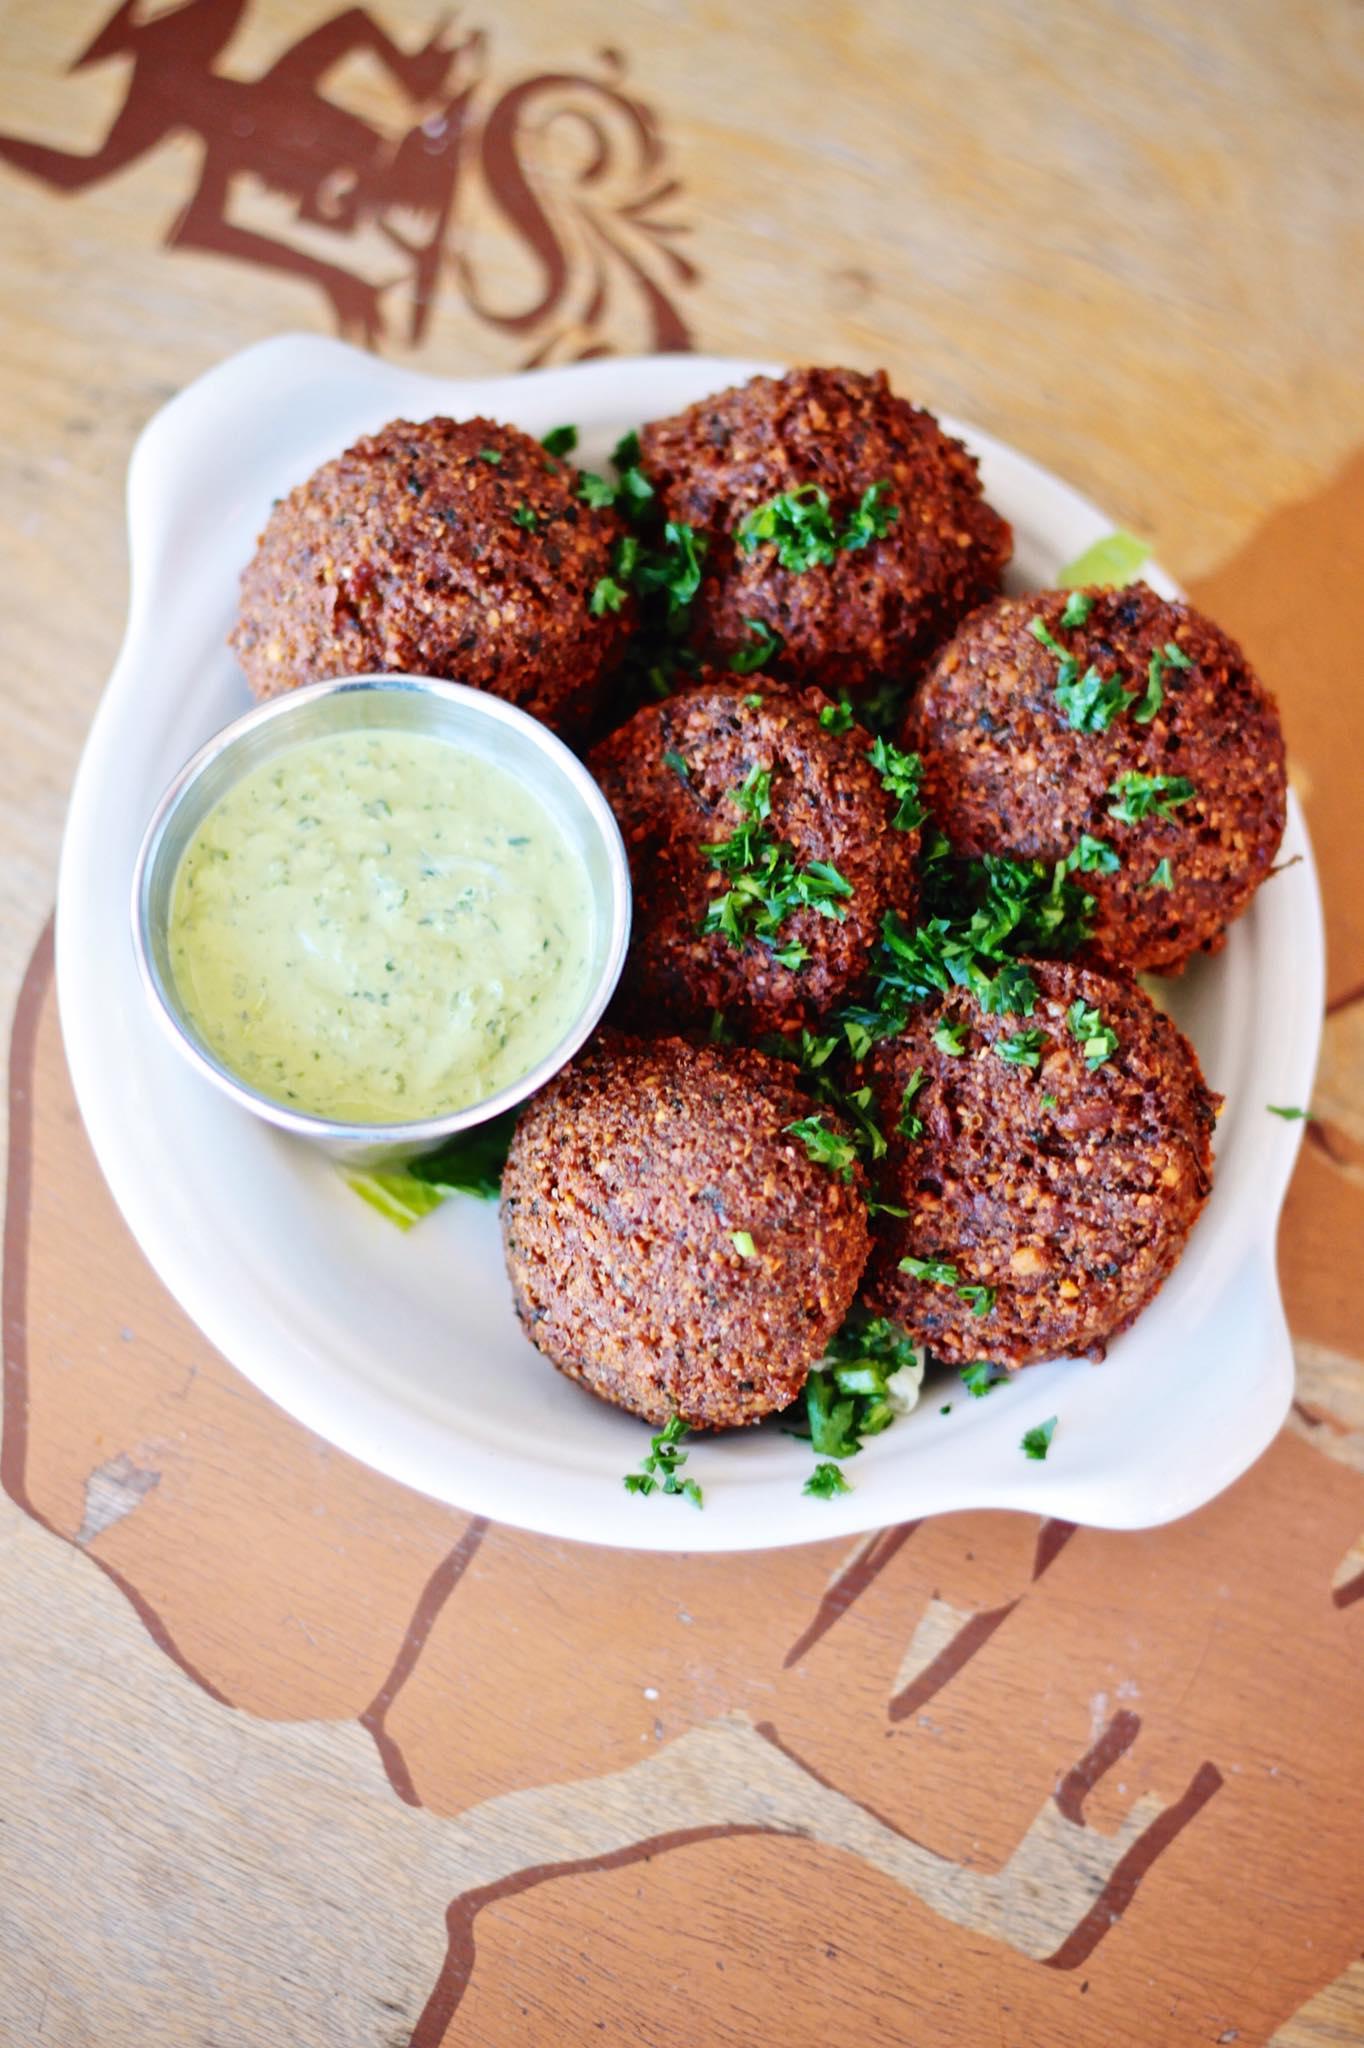 Mediterranean Restaurant Will Make Its Mark in Downtown Austin ... on